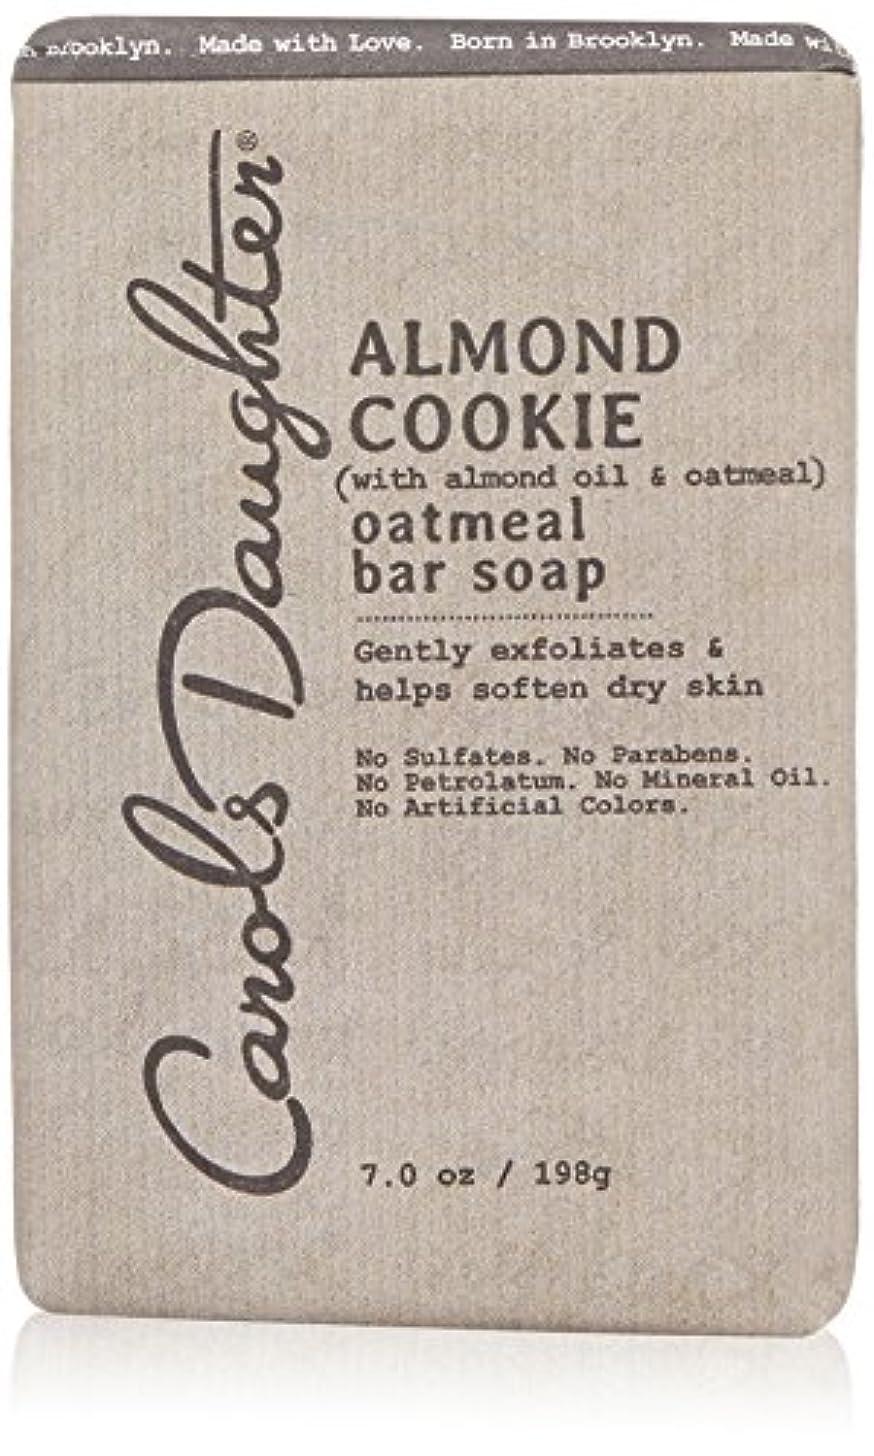 シンジケートコーヒー洞窟キャロルズドーター Almond Cookie Oatmeal Bar Soap 198g/7oz並行輸入品